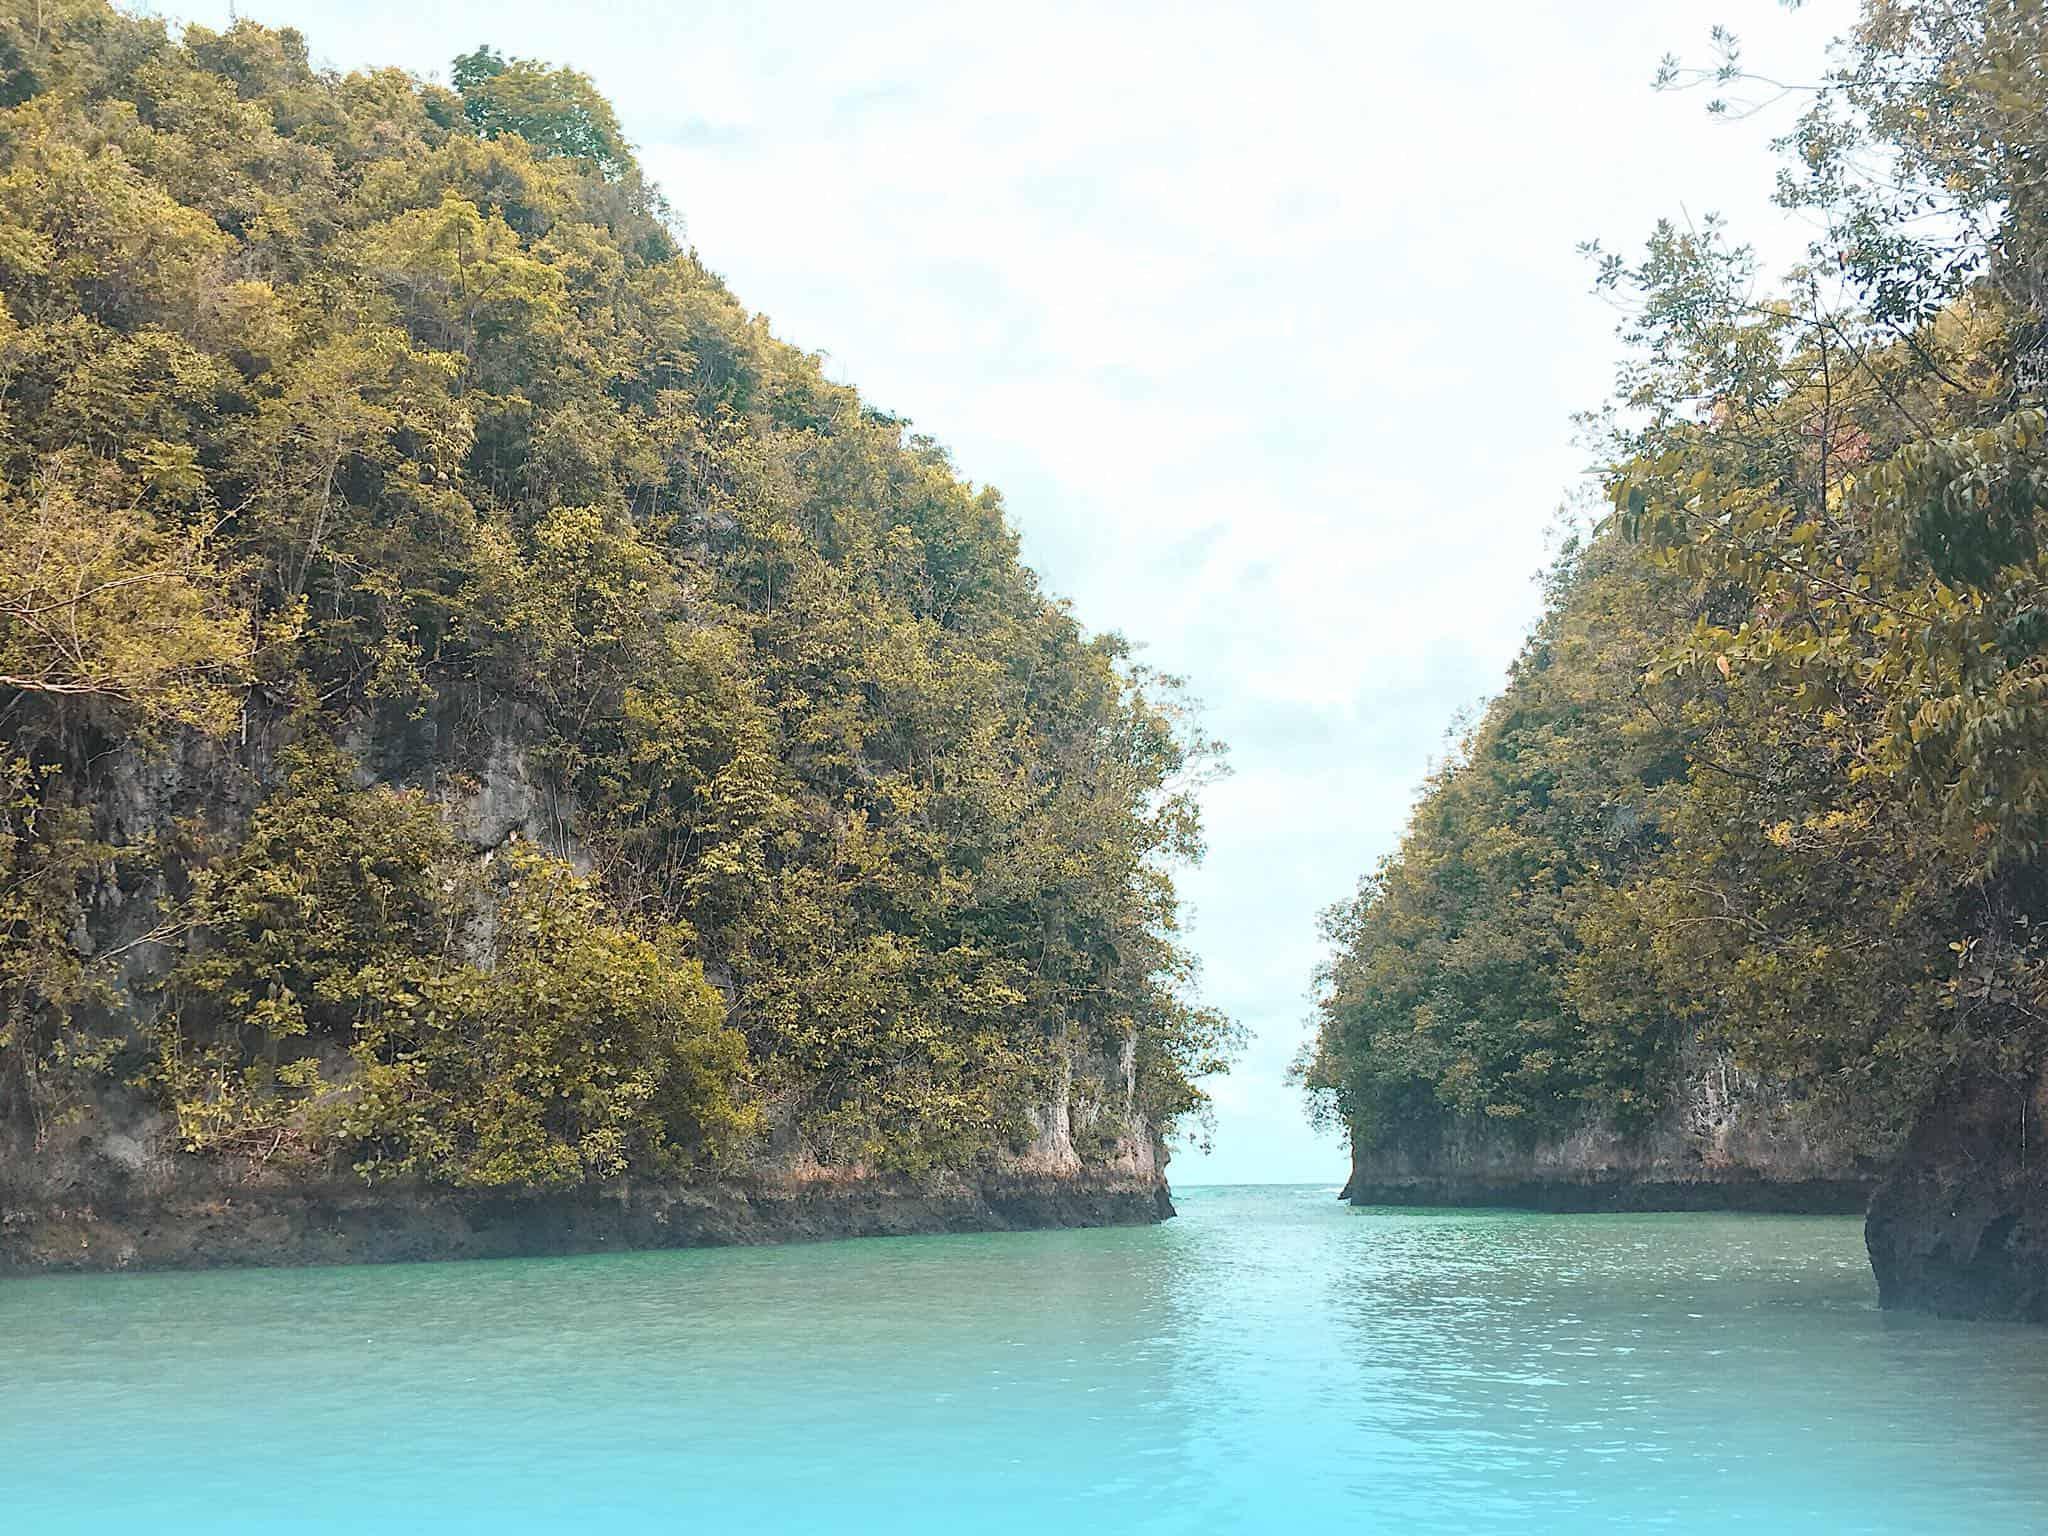 Bojo River Aloguinsan Cebu (6)